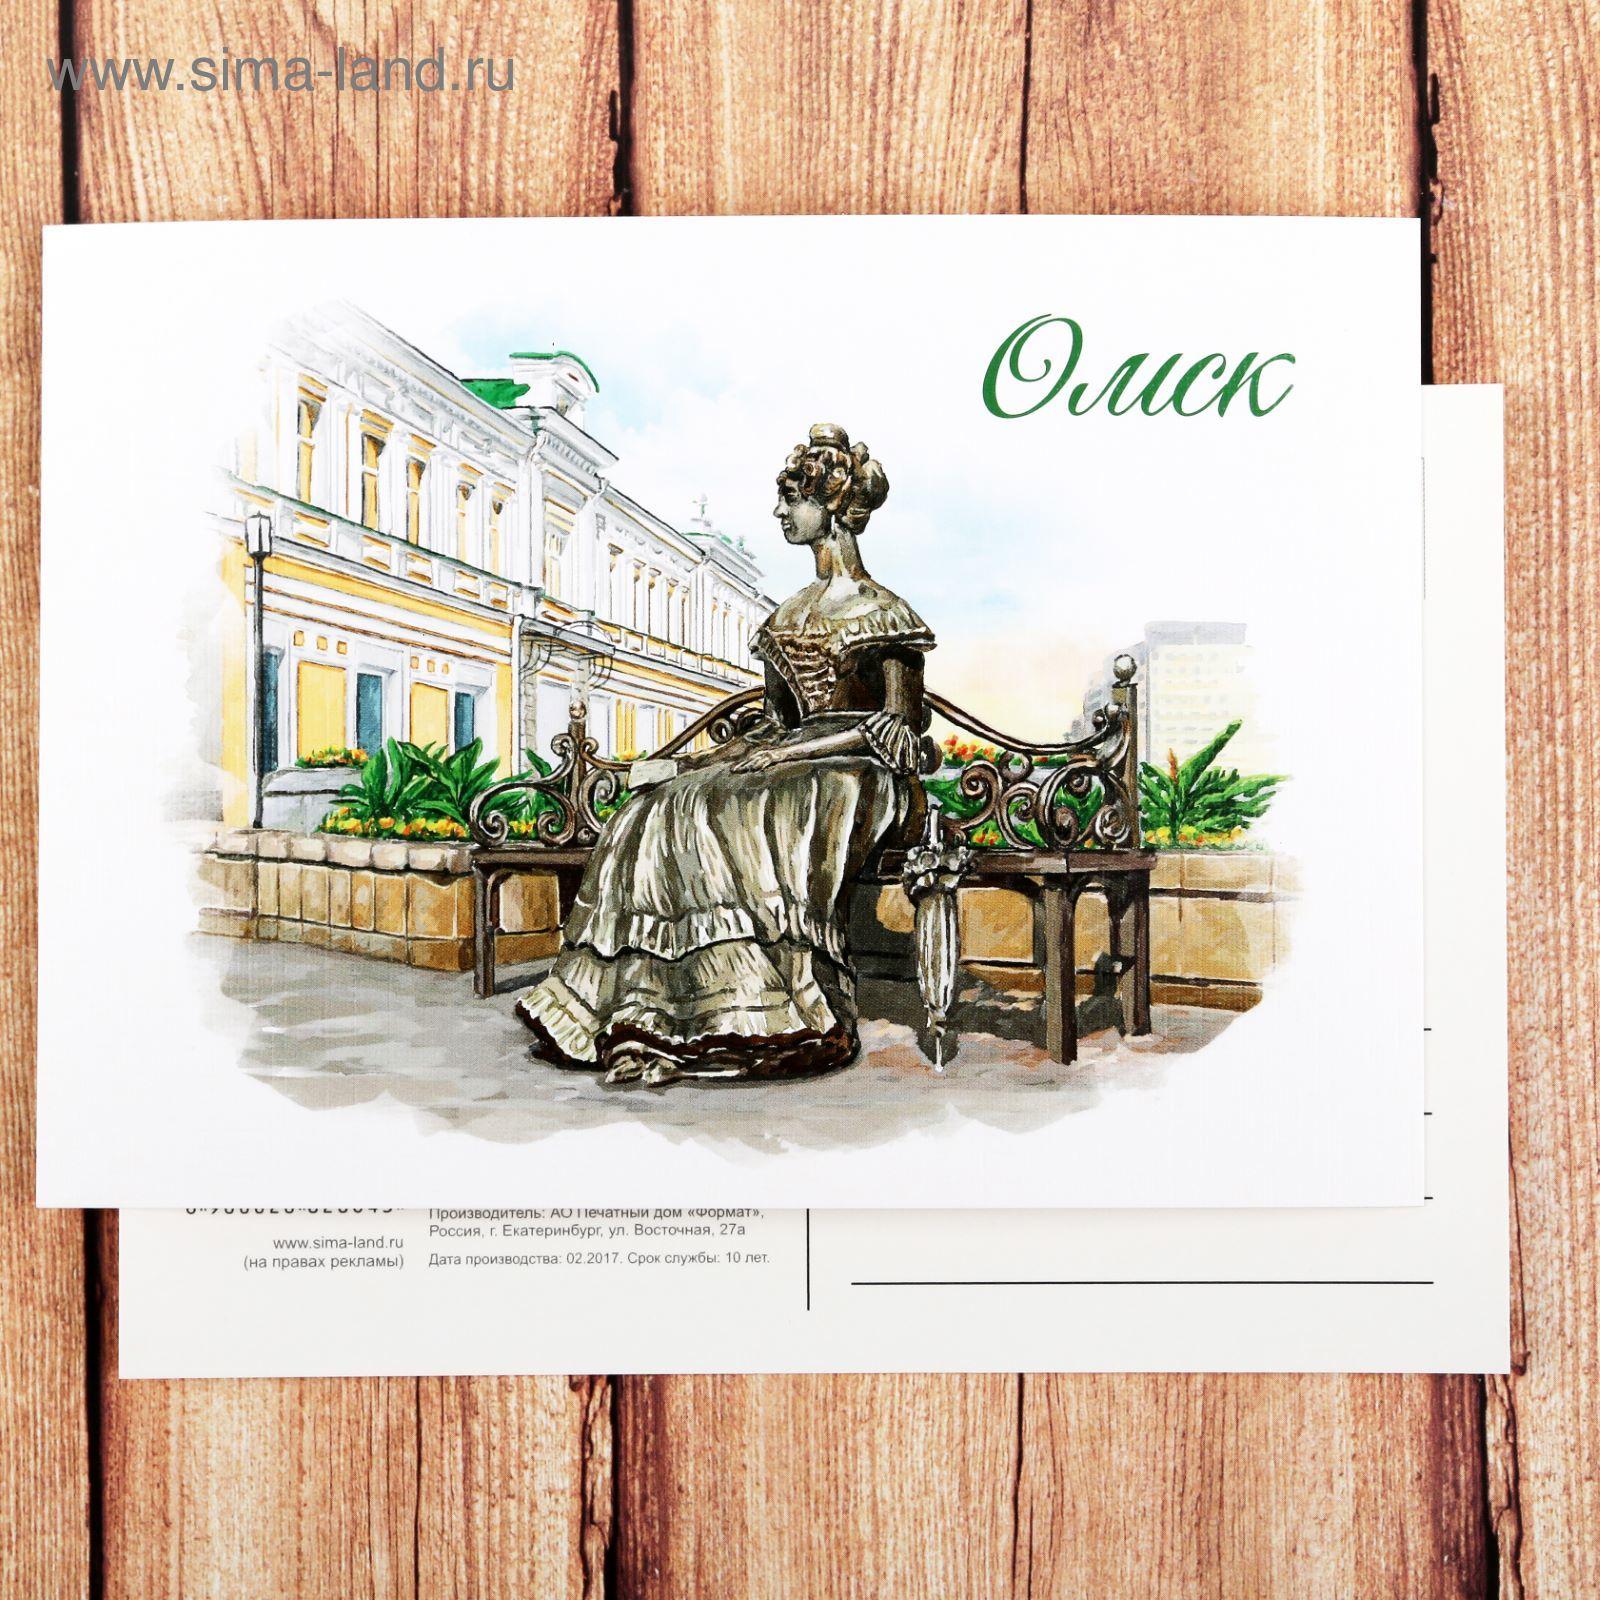 Дешевые открытки в омске, самоедом